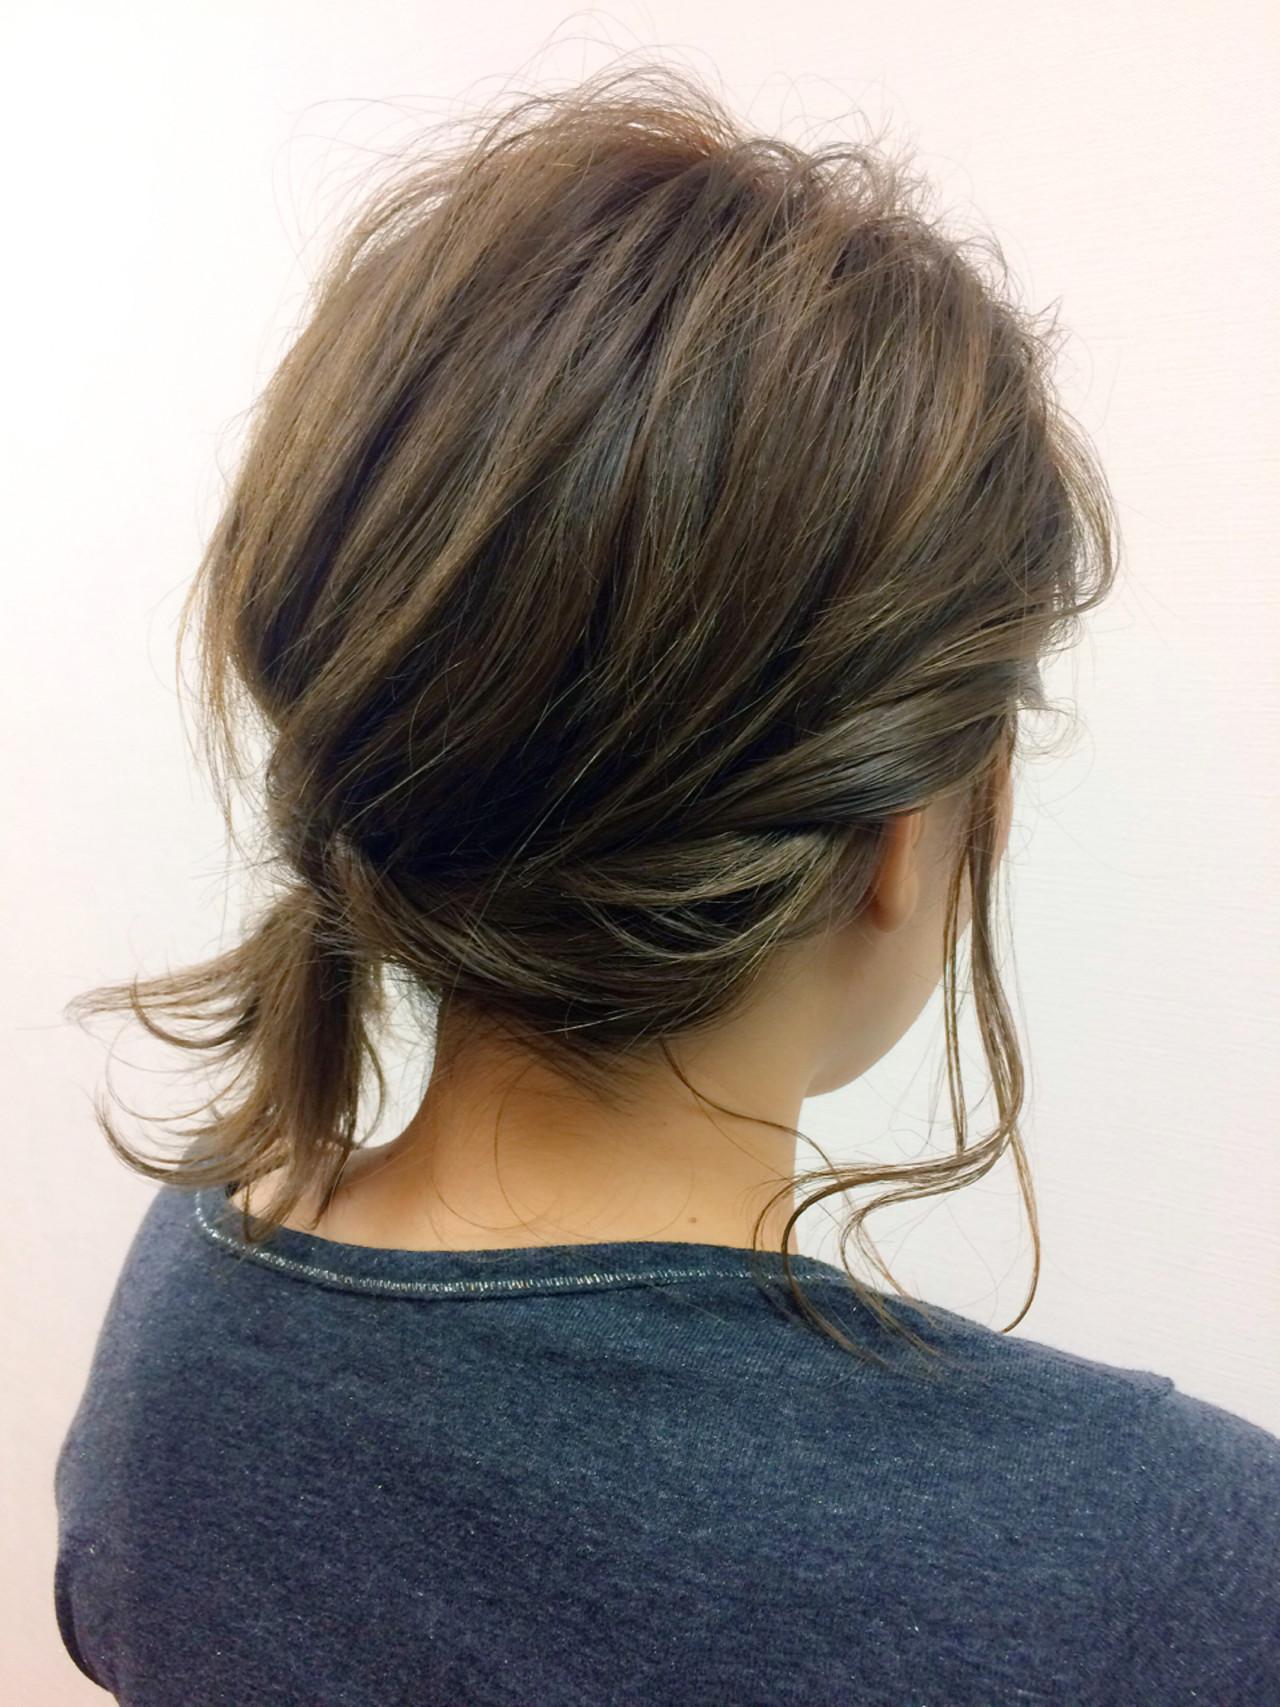 簡単ショートヘアアレンジはバリエ無限大♡短い髪でもデキる! 木下 光治/ angle①ワックスなどをつけておきます(はじめに軽く巻いておくとやりやすい)②サイドの毛束を2本取り、軽くねじります③毛束をからませてバックまでねじります④ピンでとめて、まとめますオフィスカジュアルのスタイルにも似合いそうなナチュラルなねじりアレンジ。簡単だけれども、ひとひねりな技ありスタイルです。